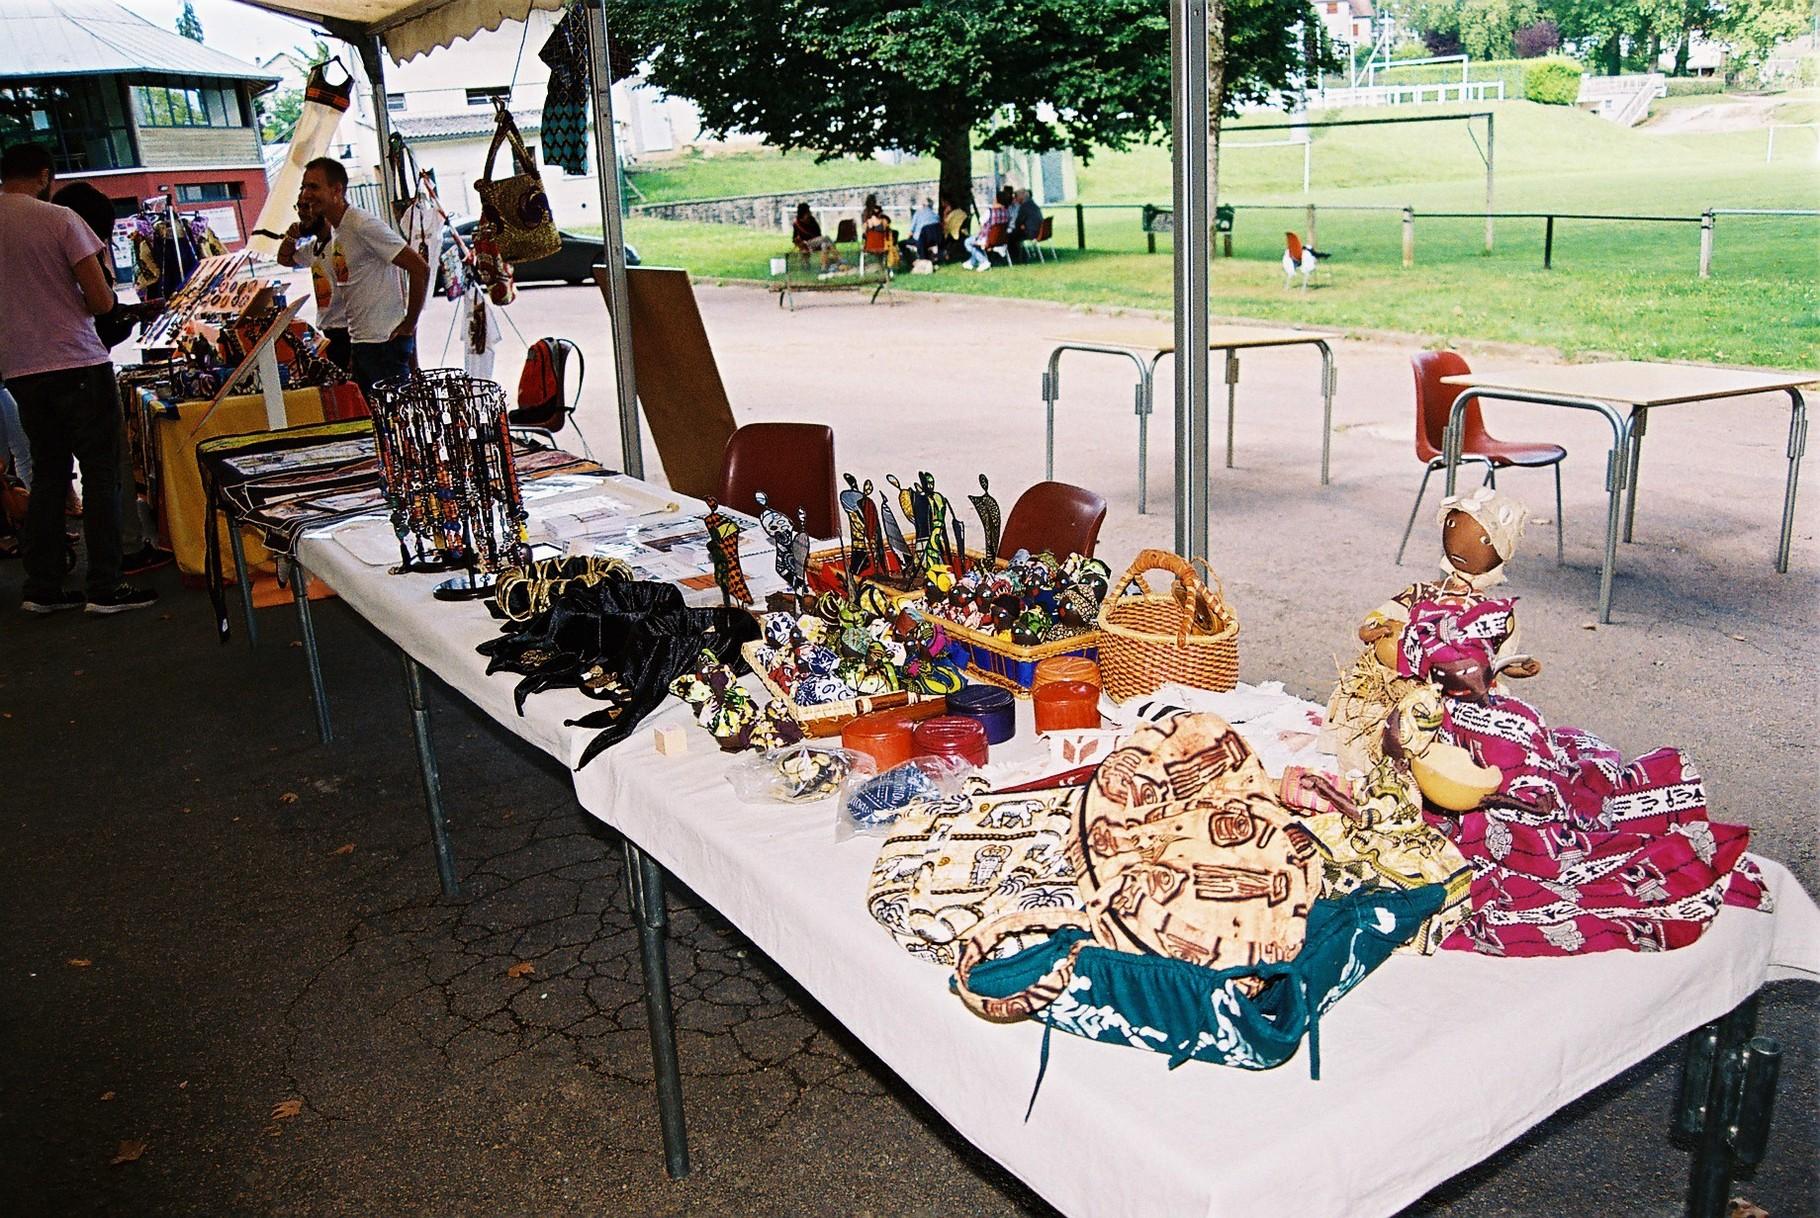 2014 - 24 Thiviers - Association Sigou - Festival à la rencontre de l'Afrique - Marché